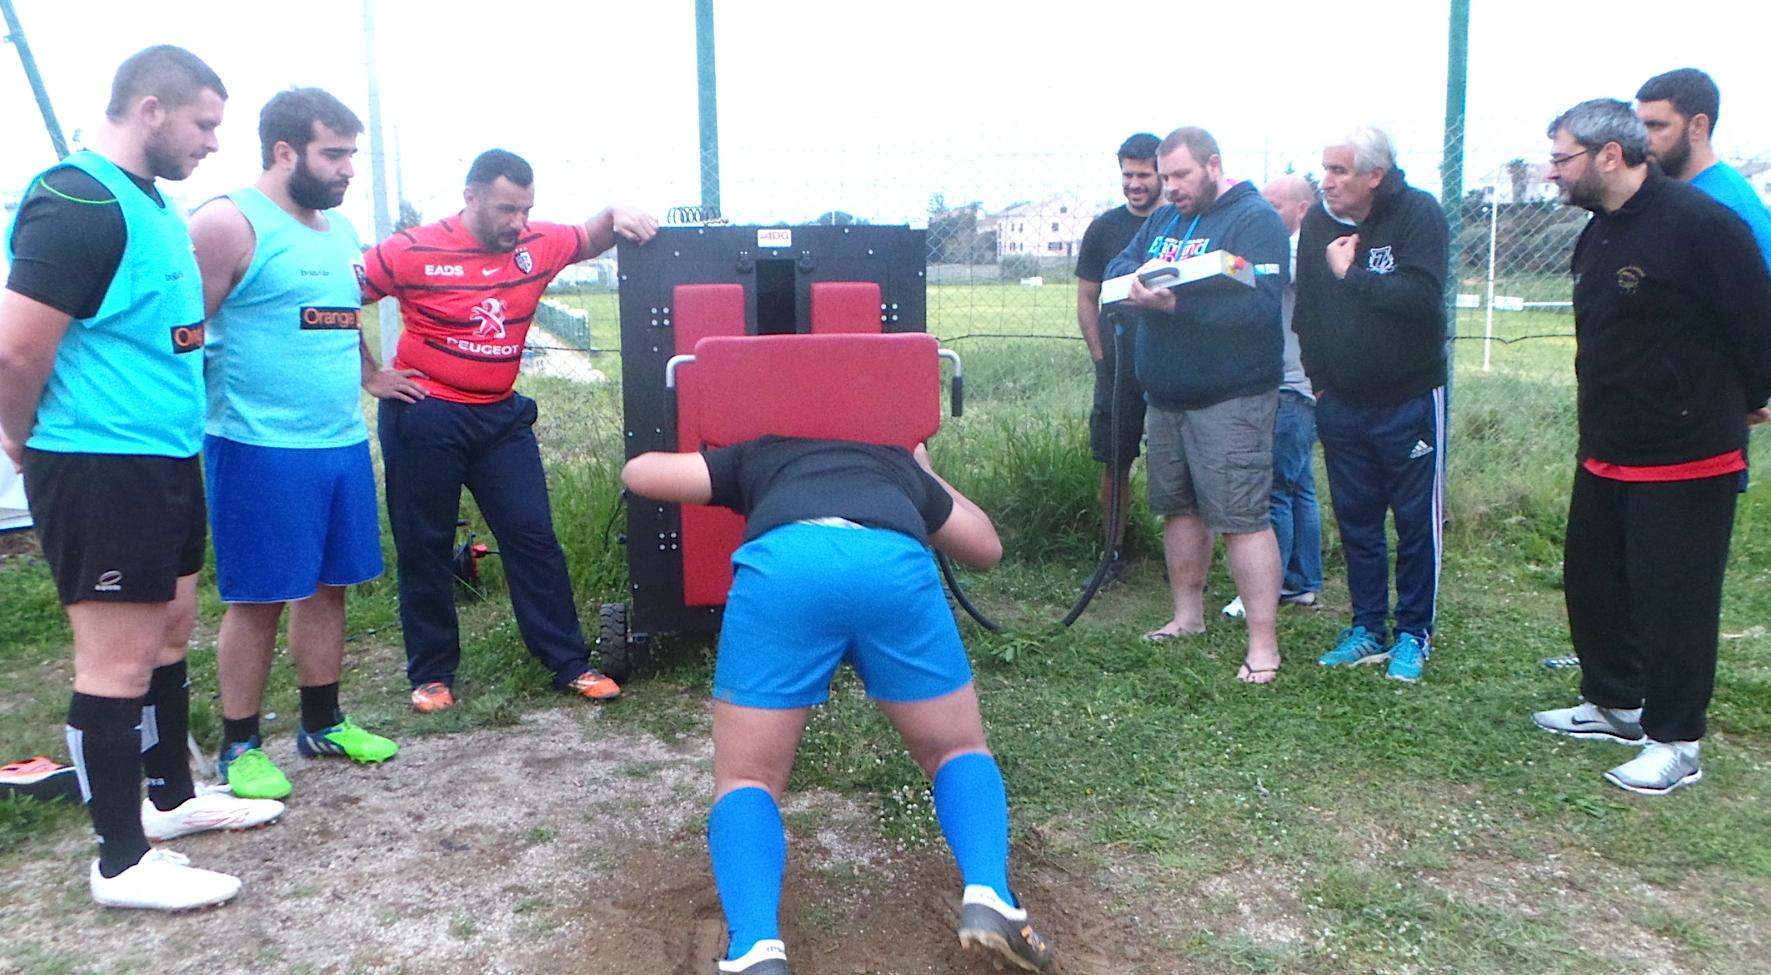 Rugby : Thierry Savio formateur des plus grands piliers du Stade toulousain à Bastia